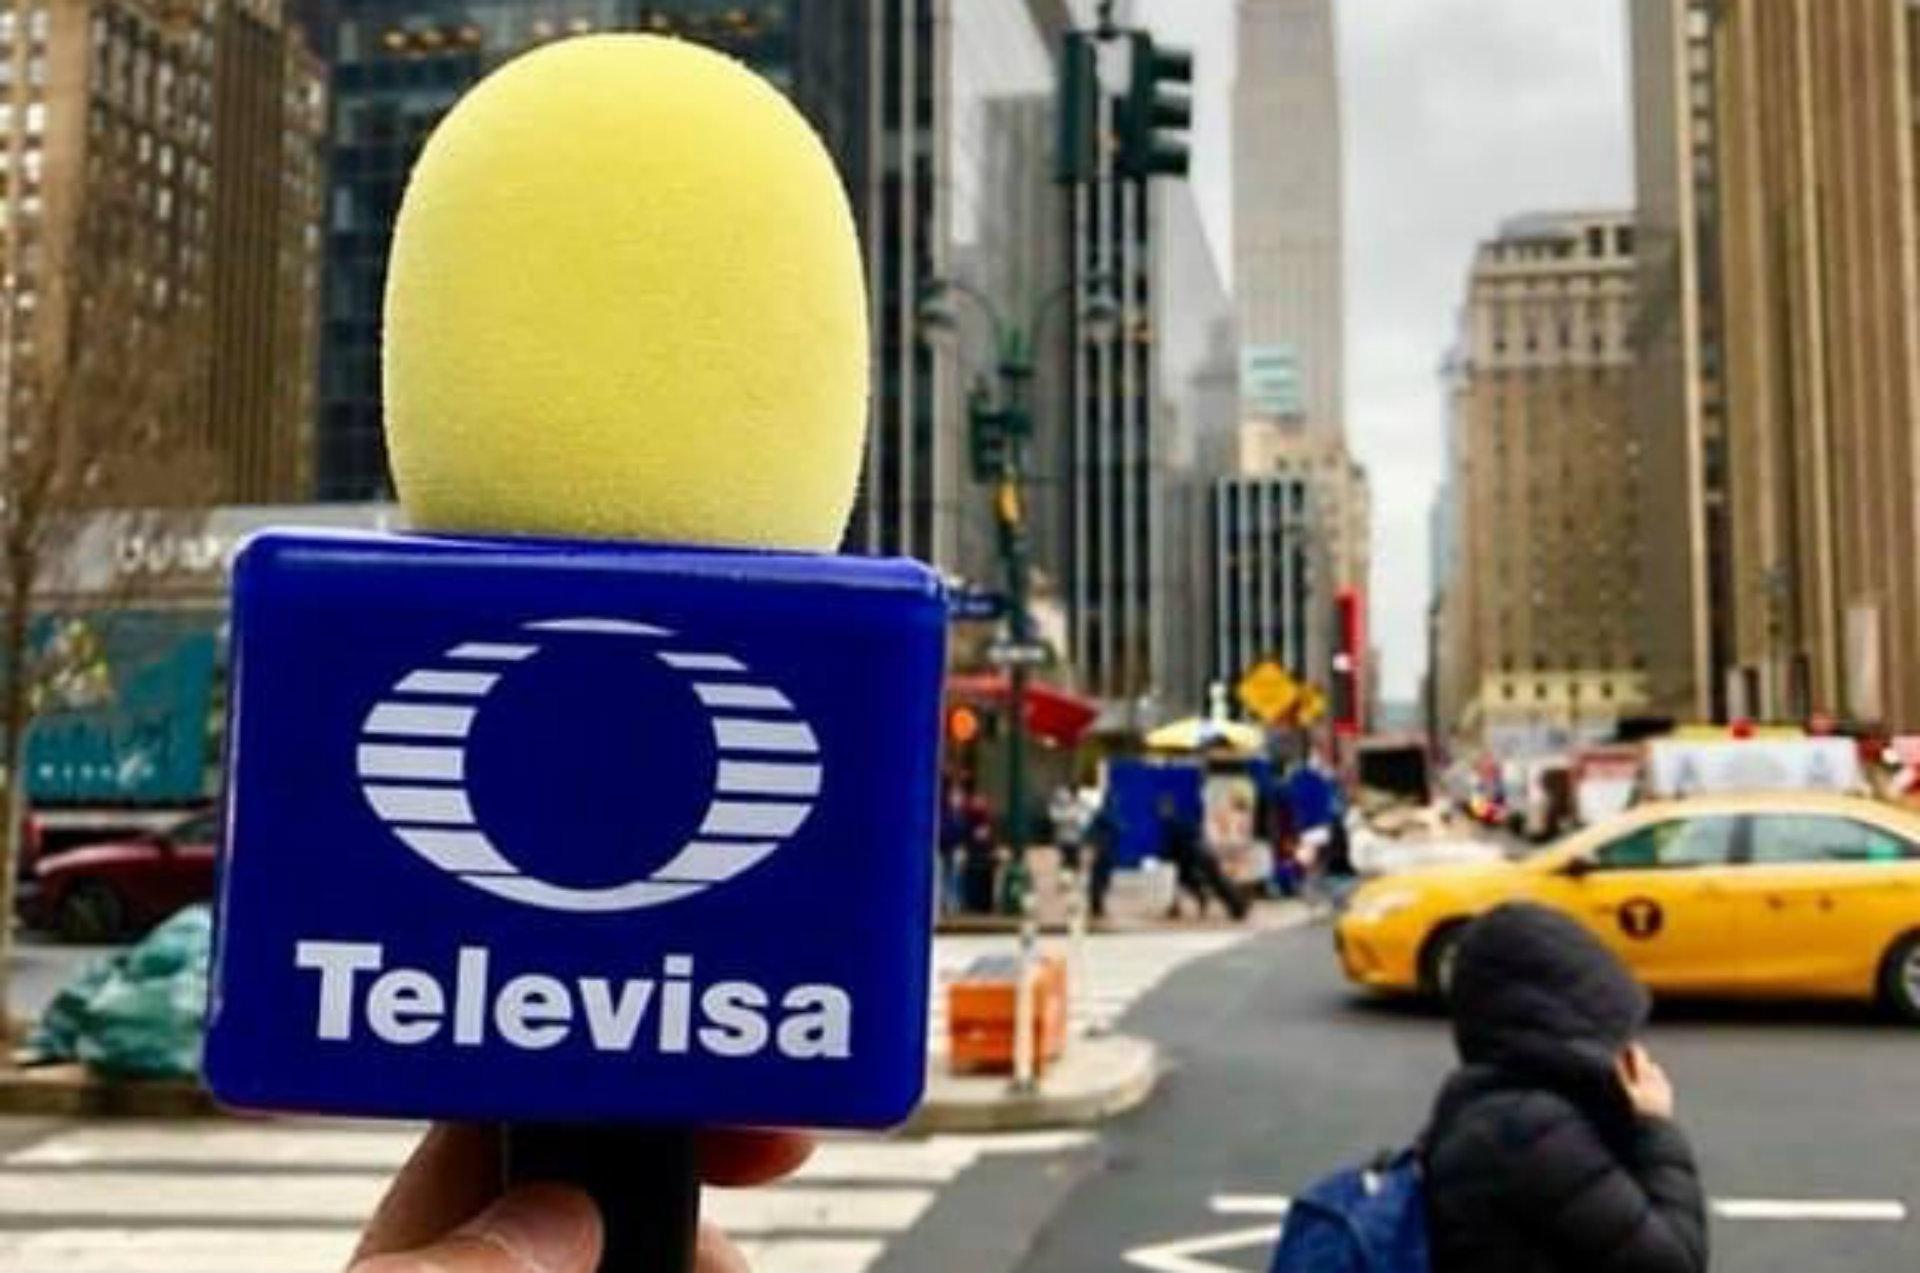 Televisa registró menos utilidades netas en el último trimestre de 2018 (Foto: Instagram / televisa)